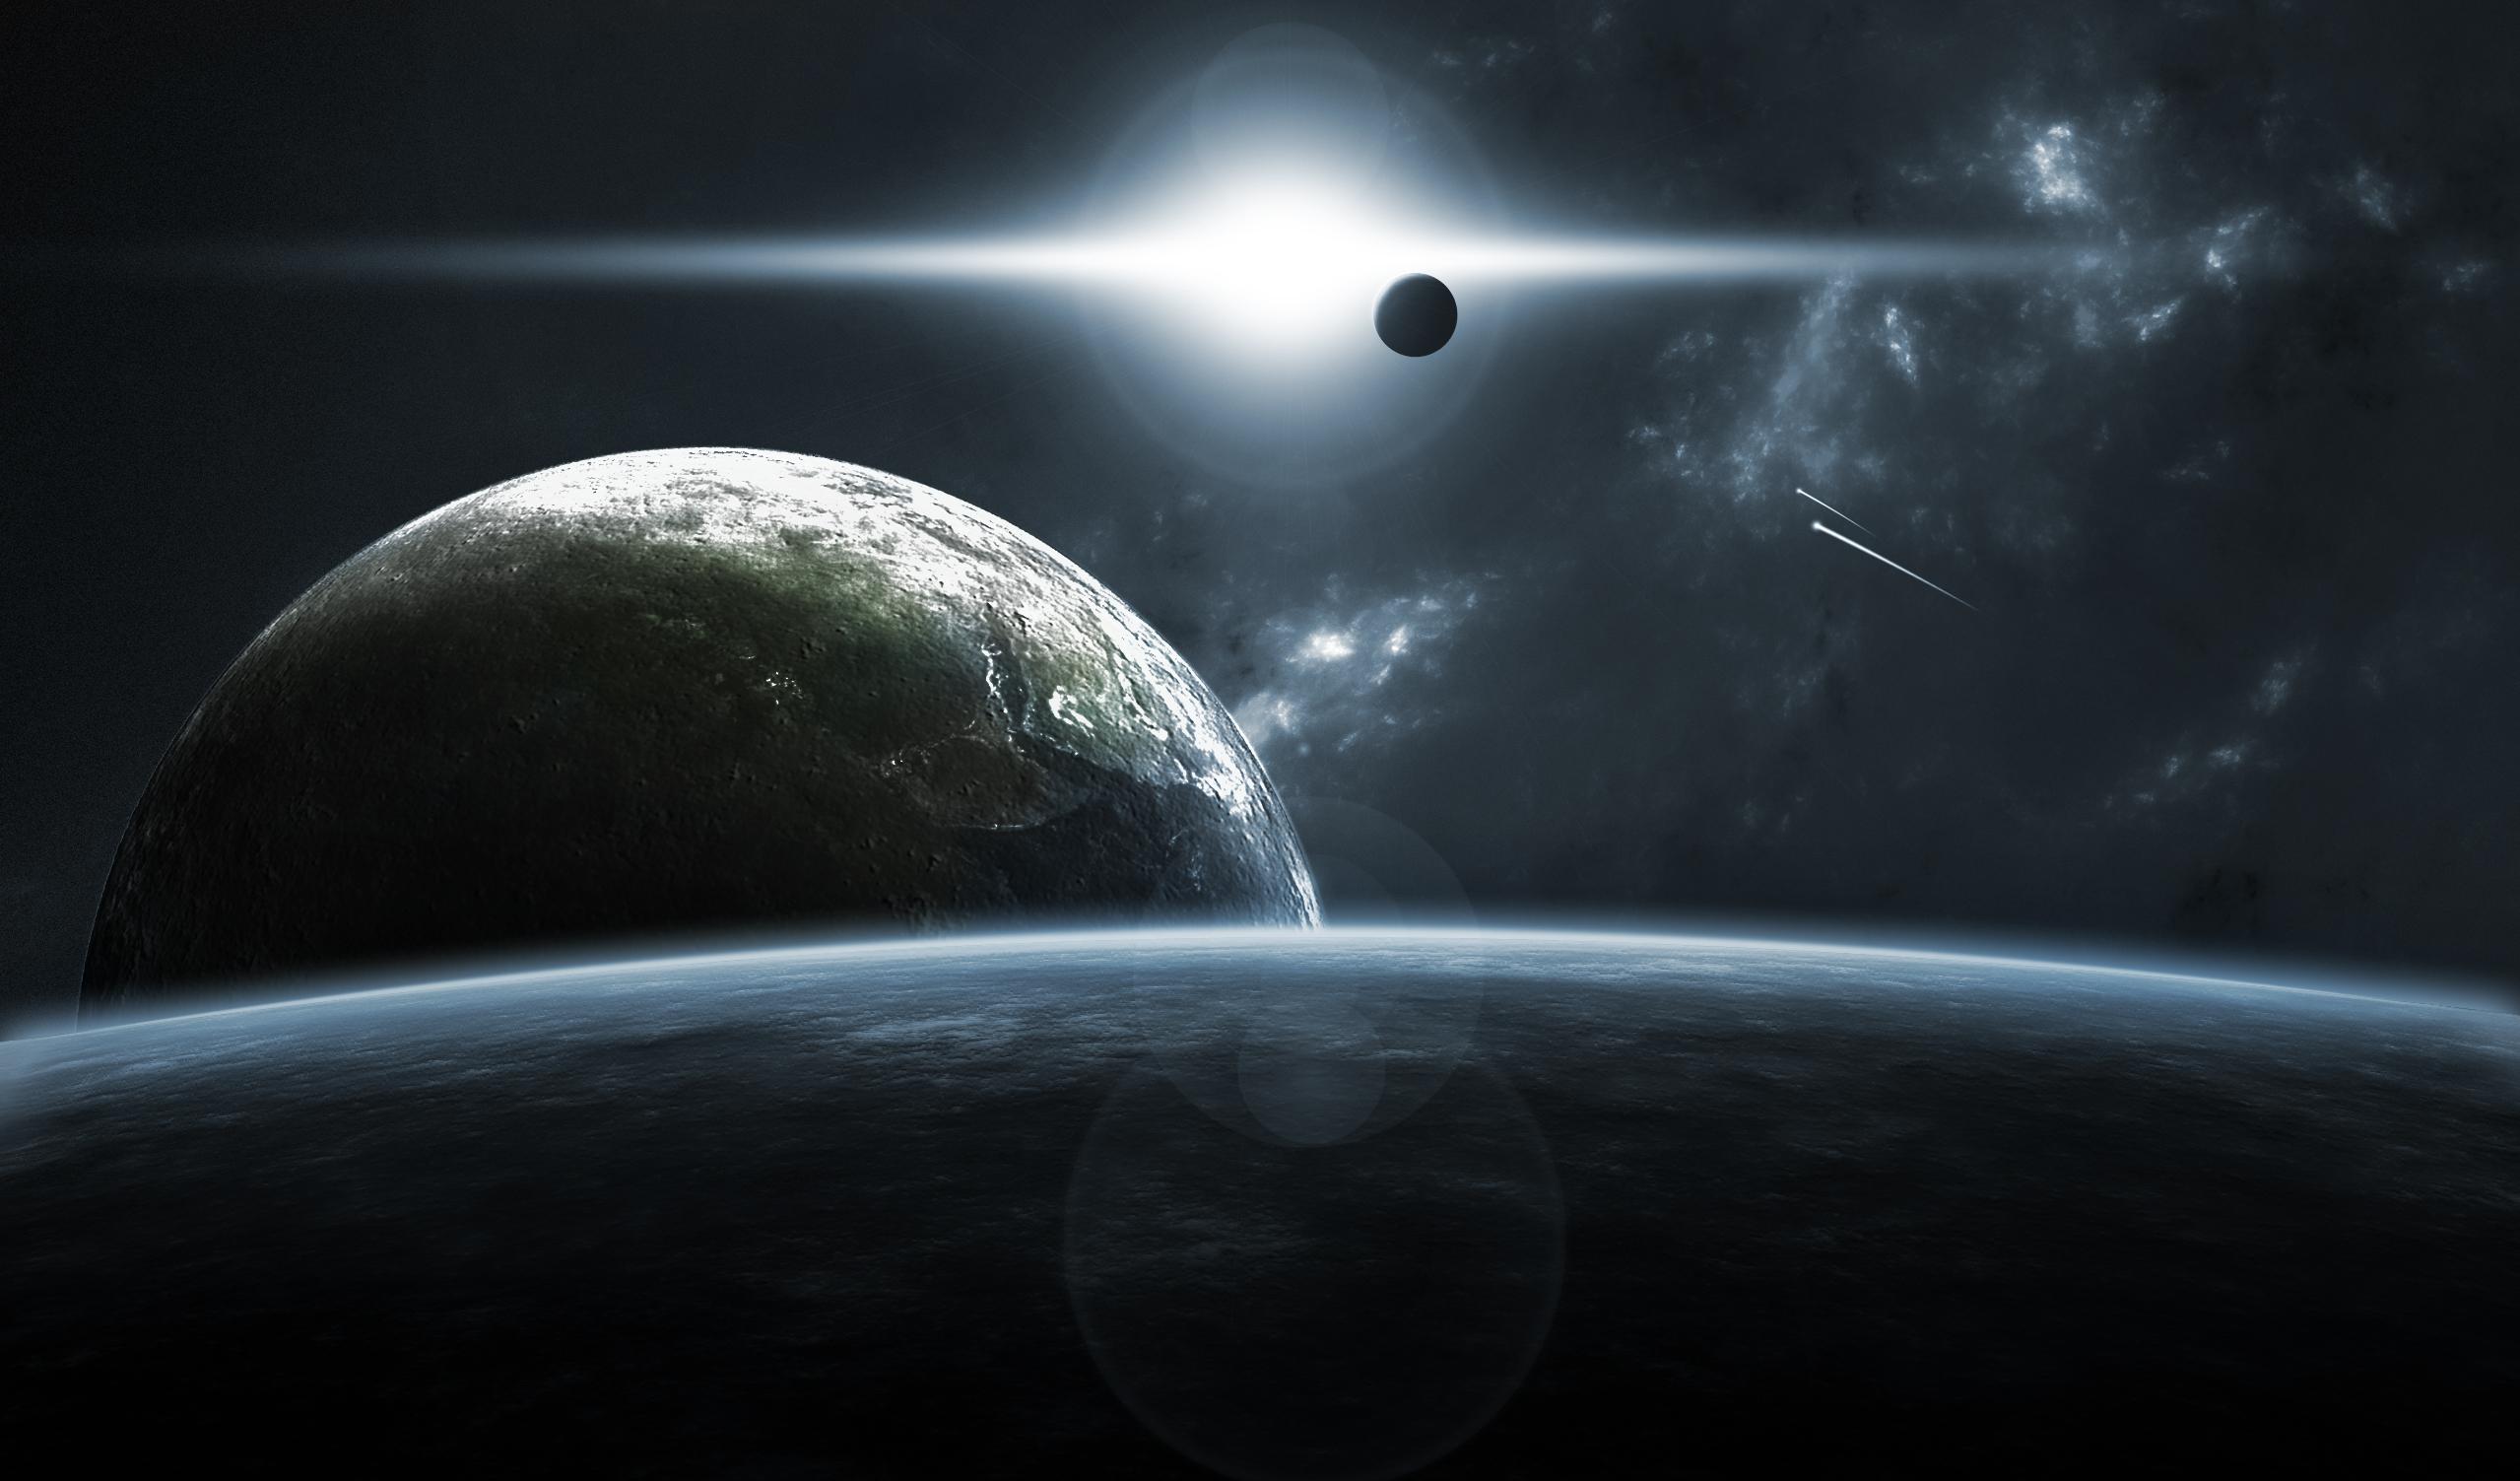 Sci Fi Wallpaper Hd 行星表面 高清壁纸 桌面背景 2558x1503 Id 112628 Wallpaper Abyss